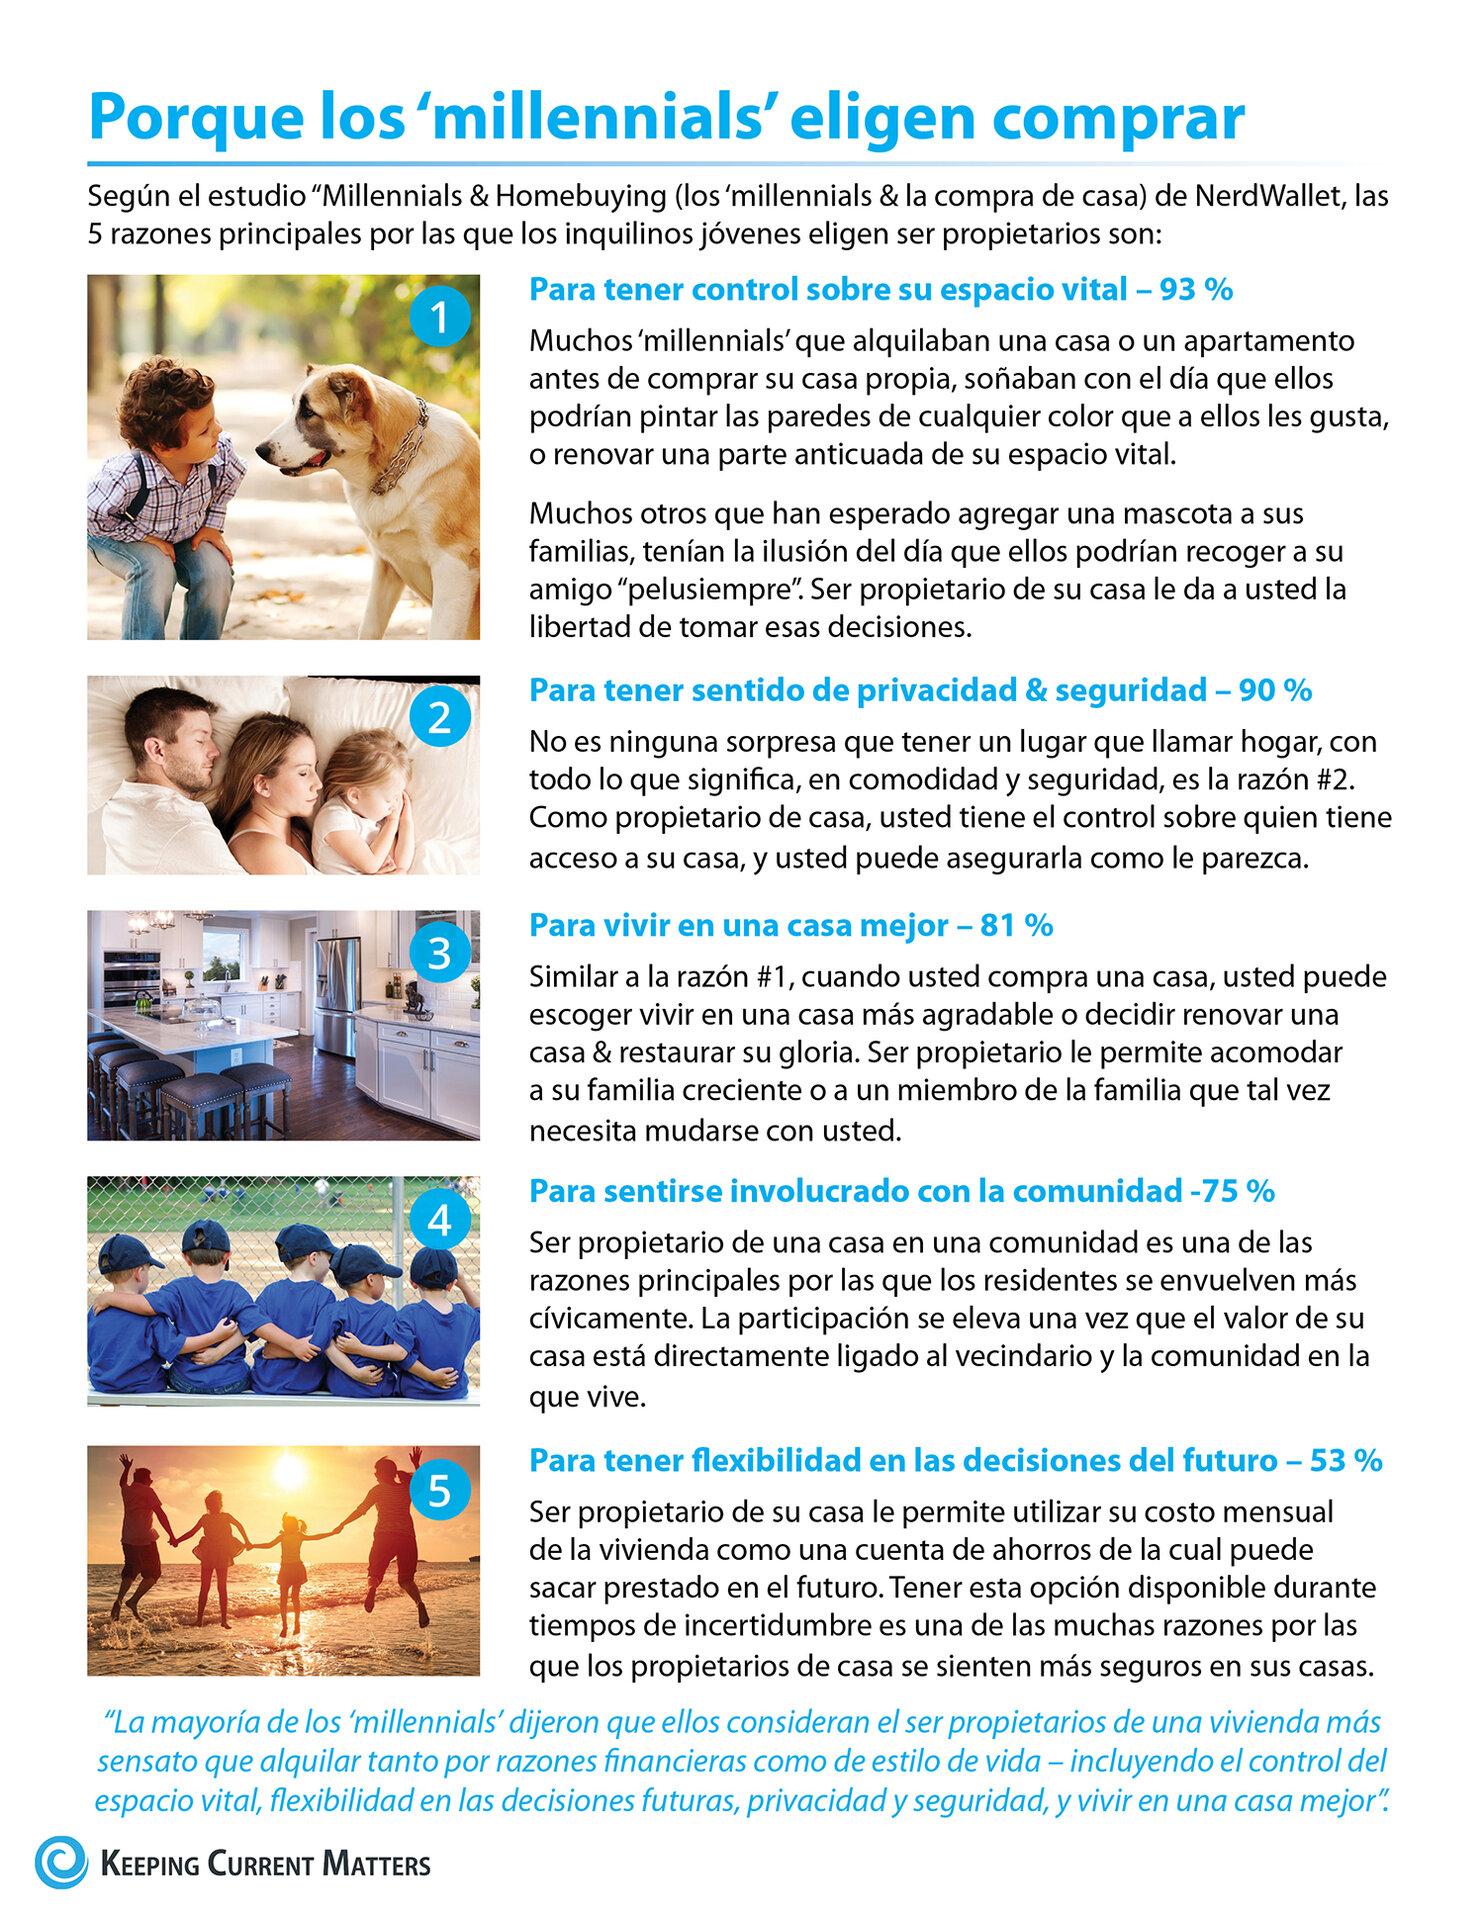 5 razones por las que los 'millennials' comprar una casa [infografía] | Keeping Current Matters